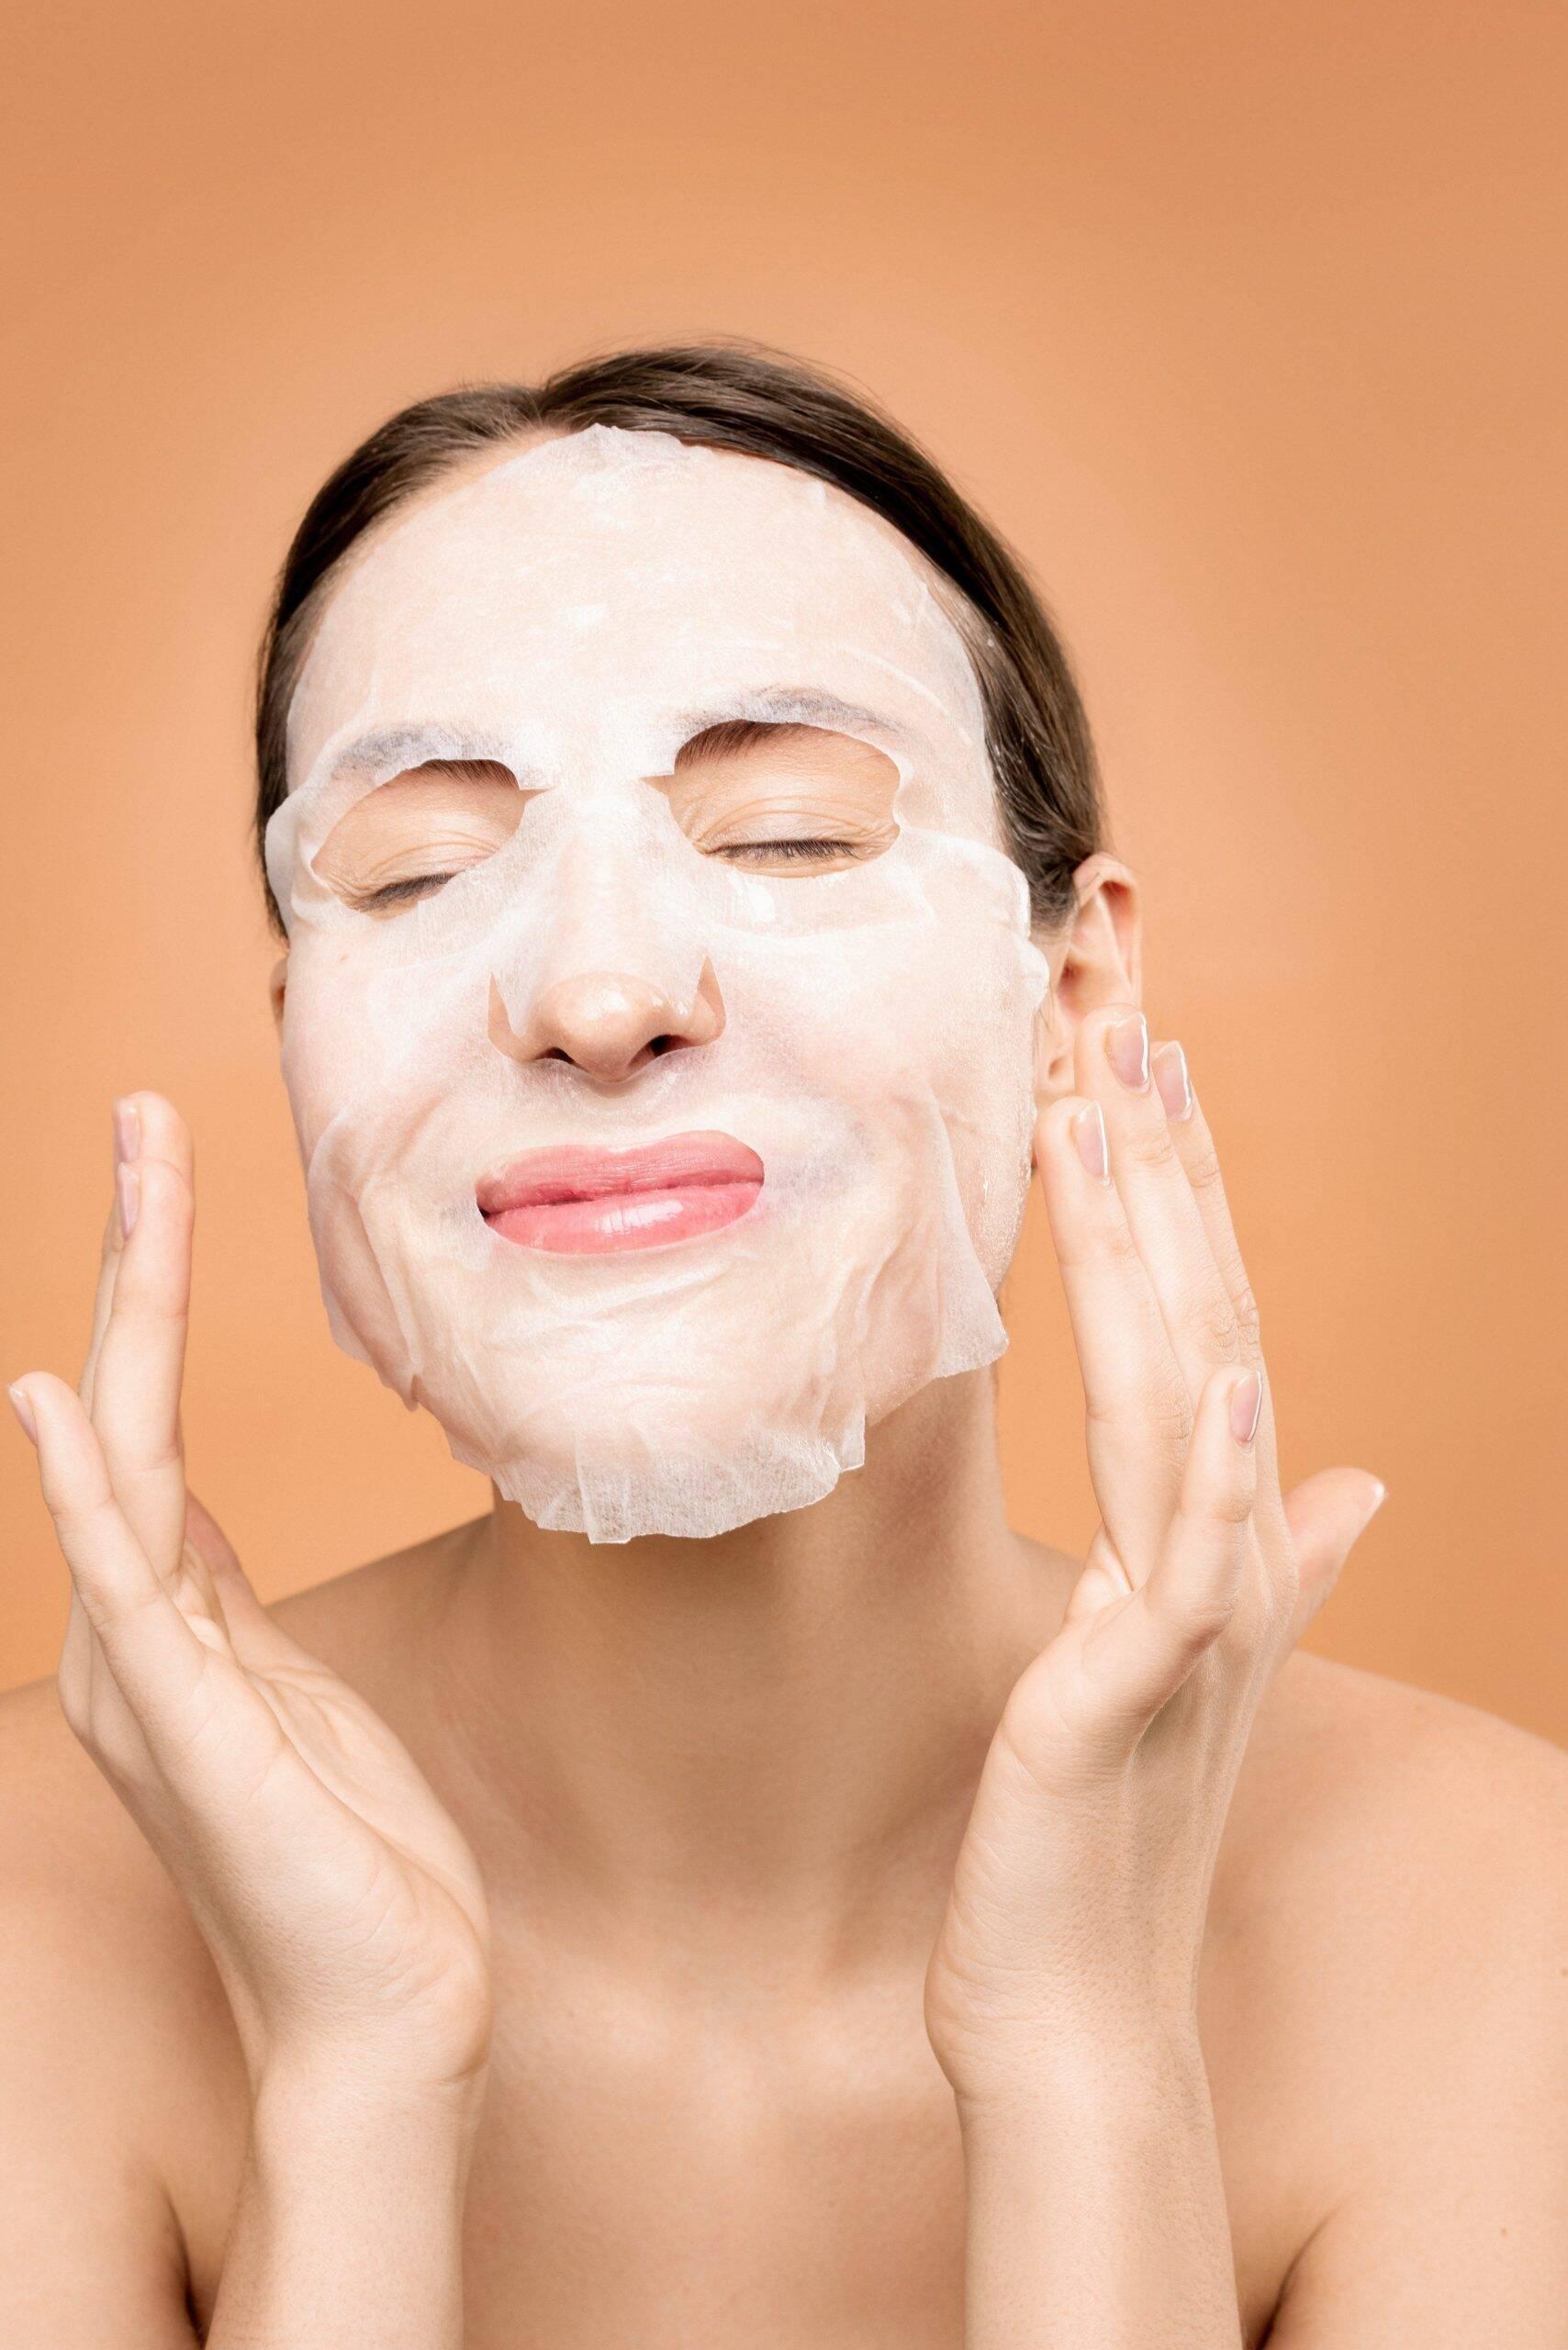 2. Máscara caseira para reduzir olheiras (Foto: Pexels)